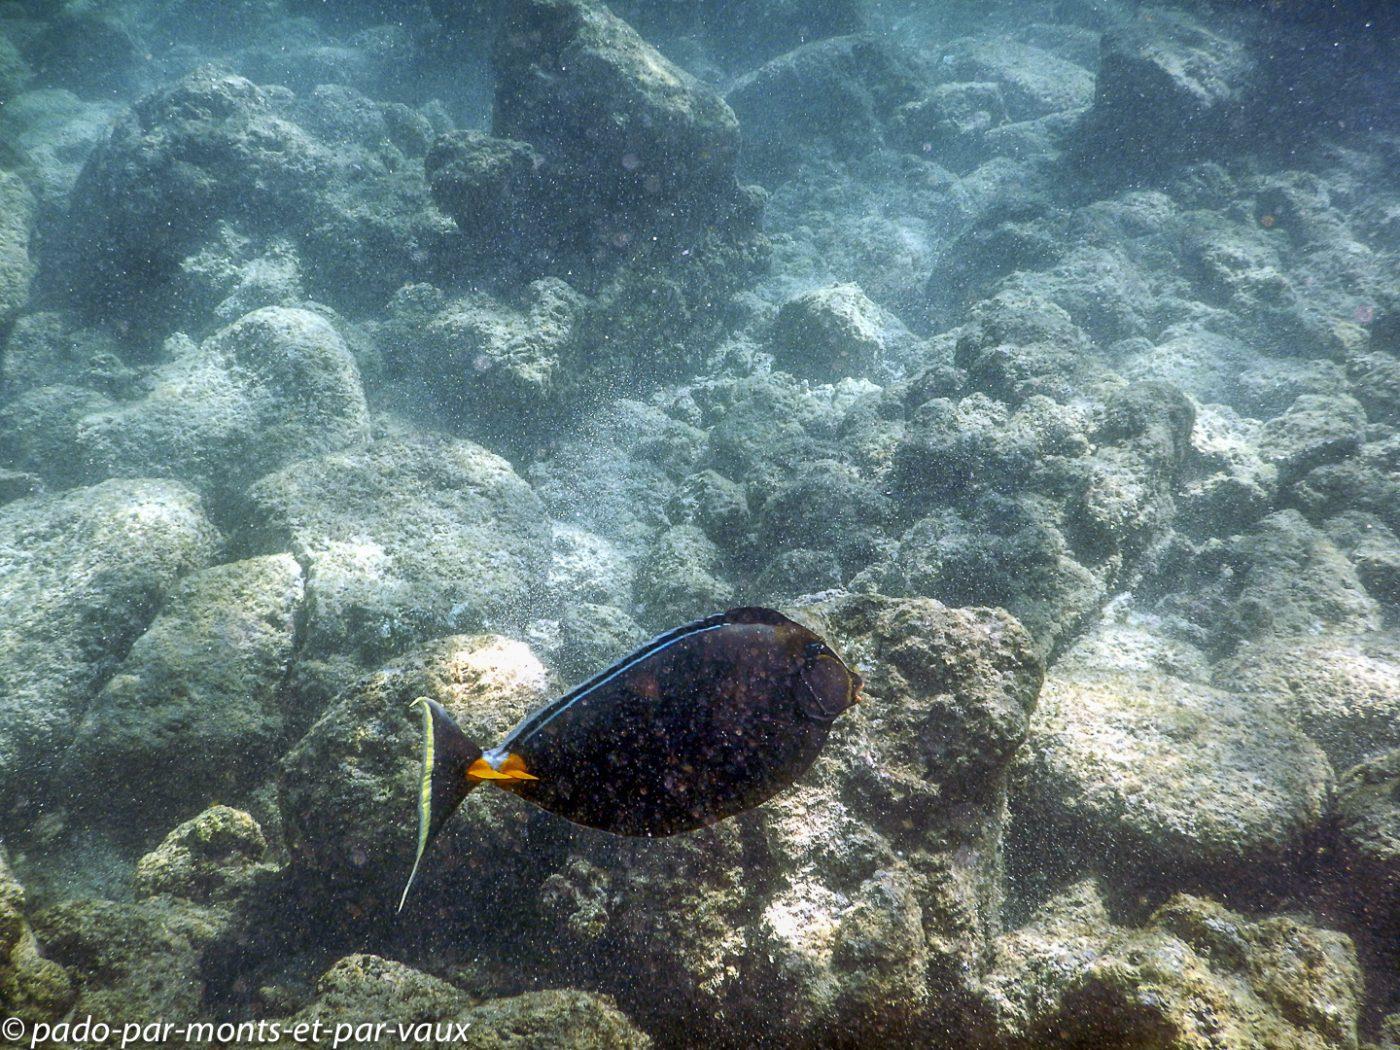 Kauai - Poipu beach park - Nason à éperons orange